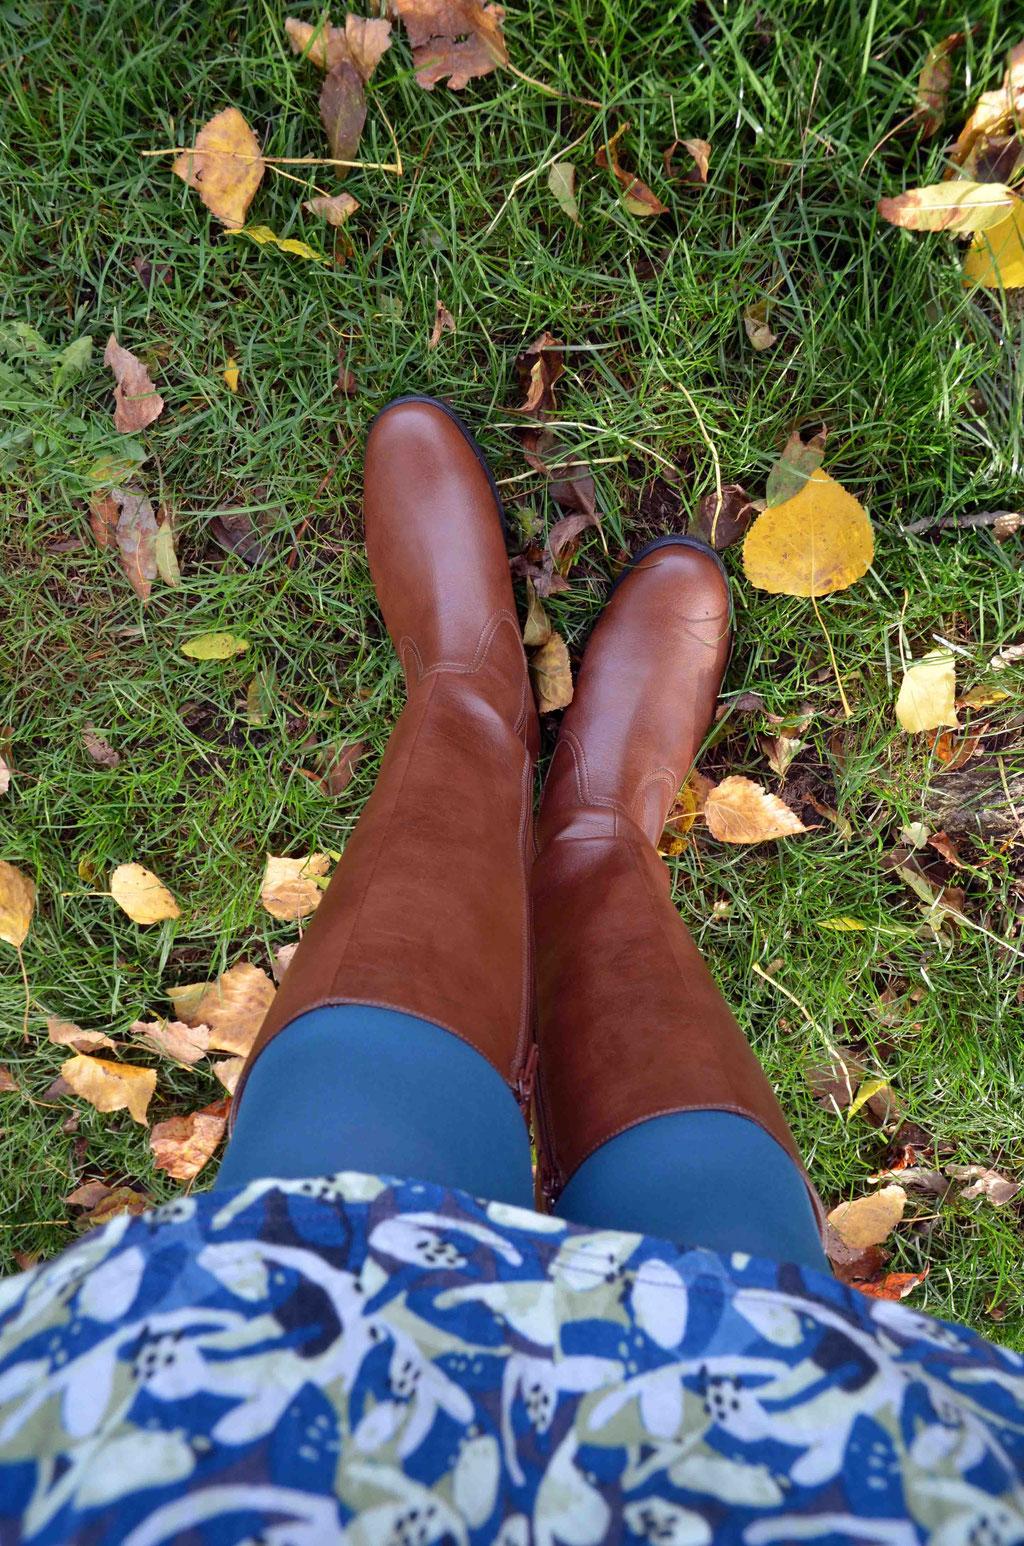 Knapp kniehoch spenden die Shopfeatures-Stiefel viel Wärme und sind die perfekten Begleiter durch die kalten Jahreszeiten.